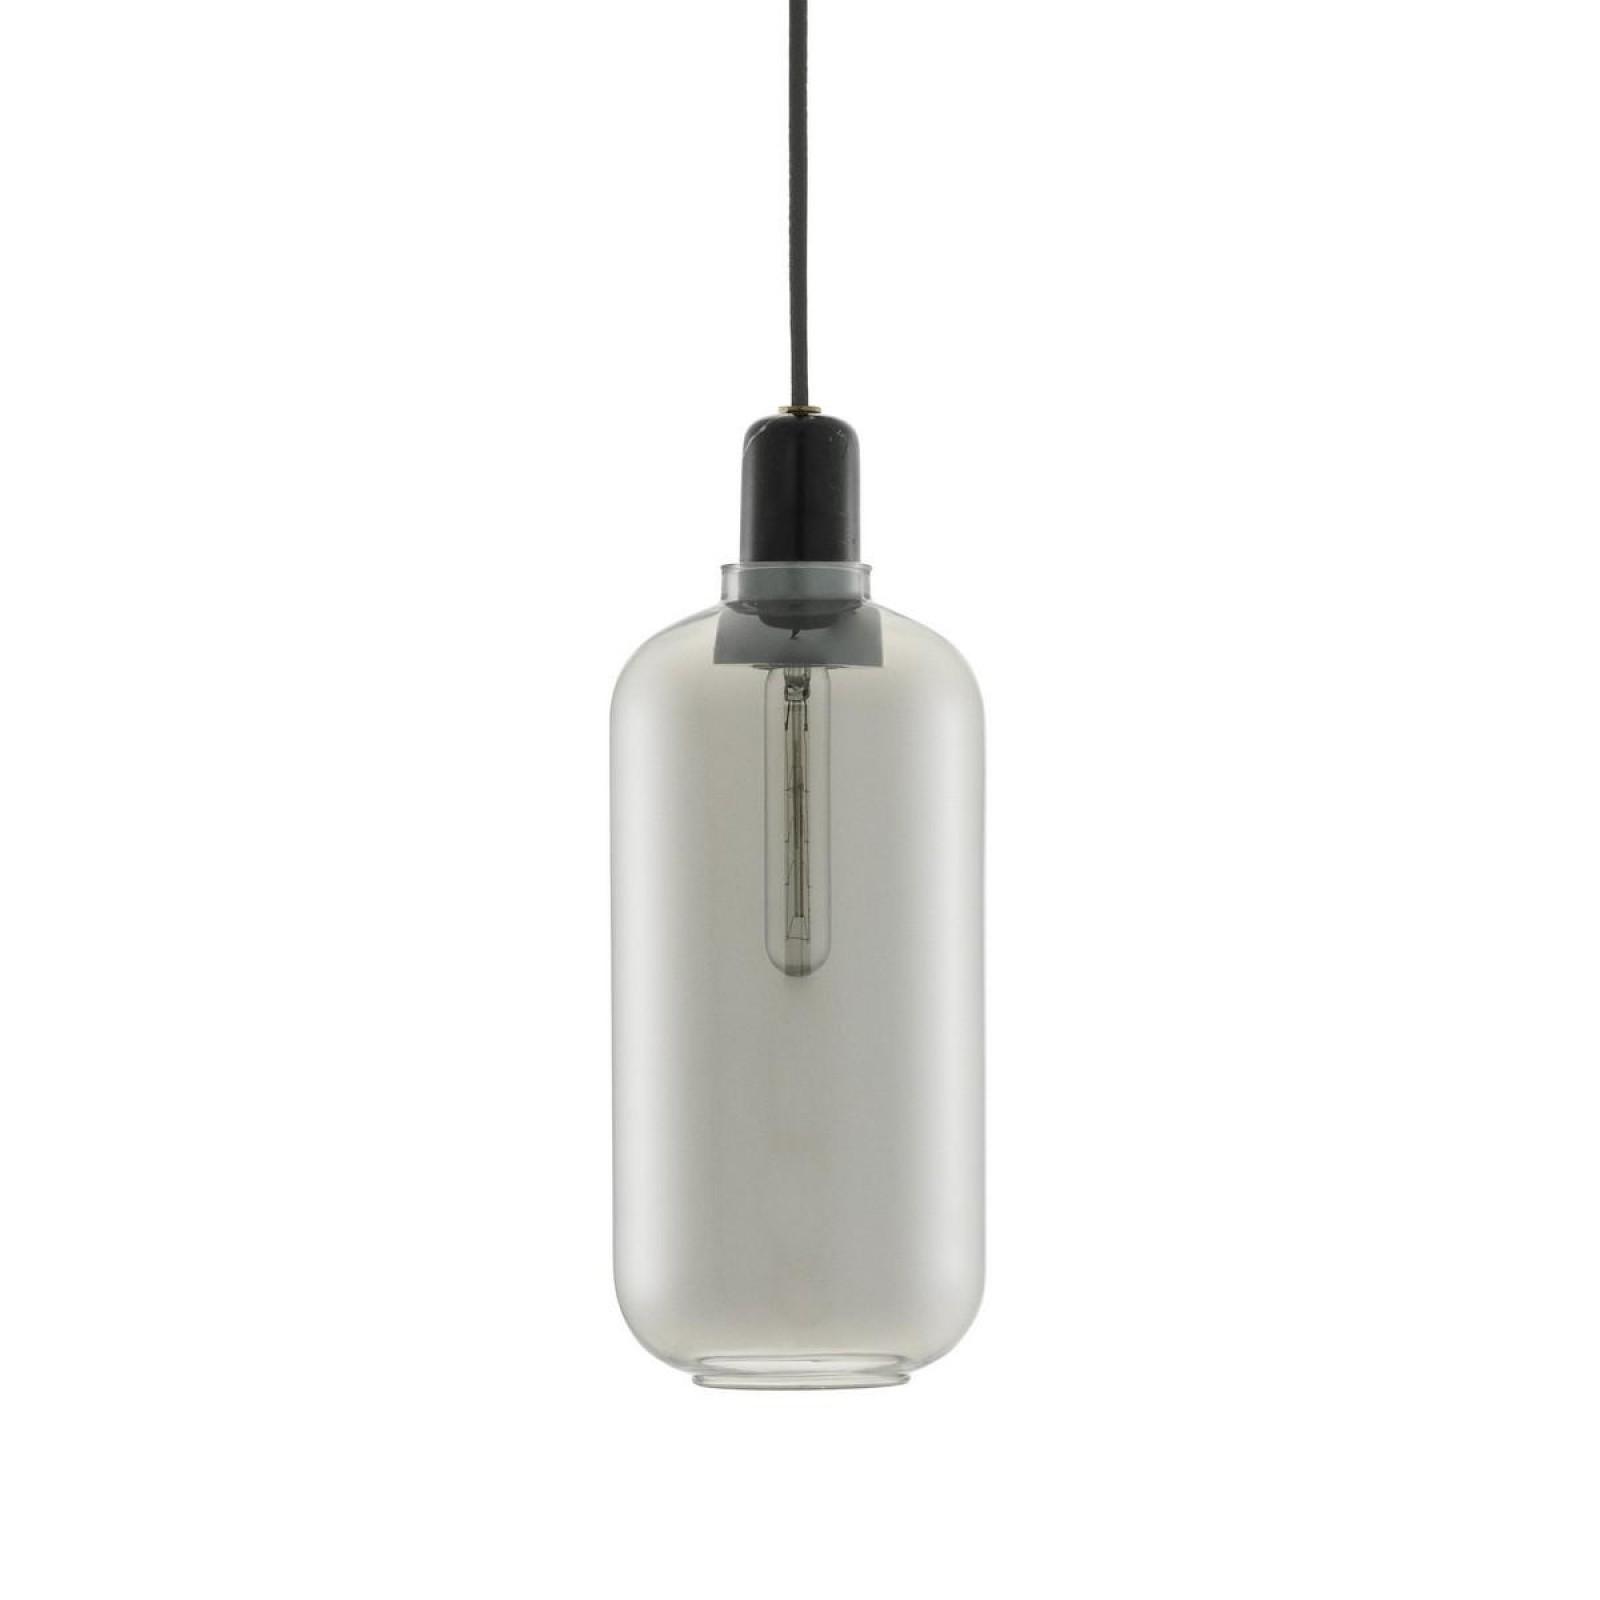 Φωτιστικό Οροφής Amp Large (Γκρι / Μαύρο) - Normann Copenhagen